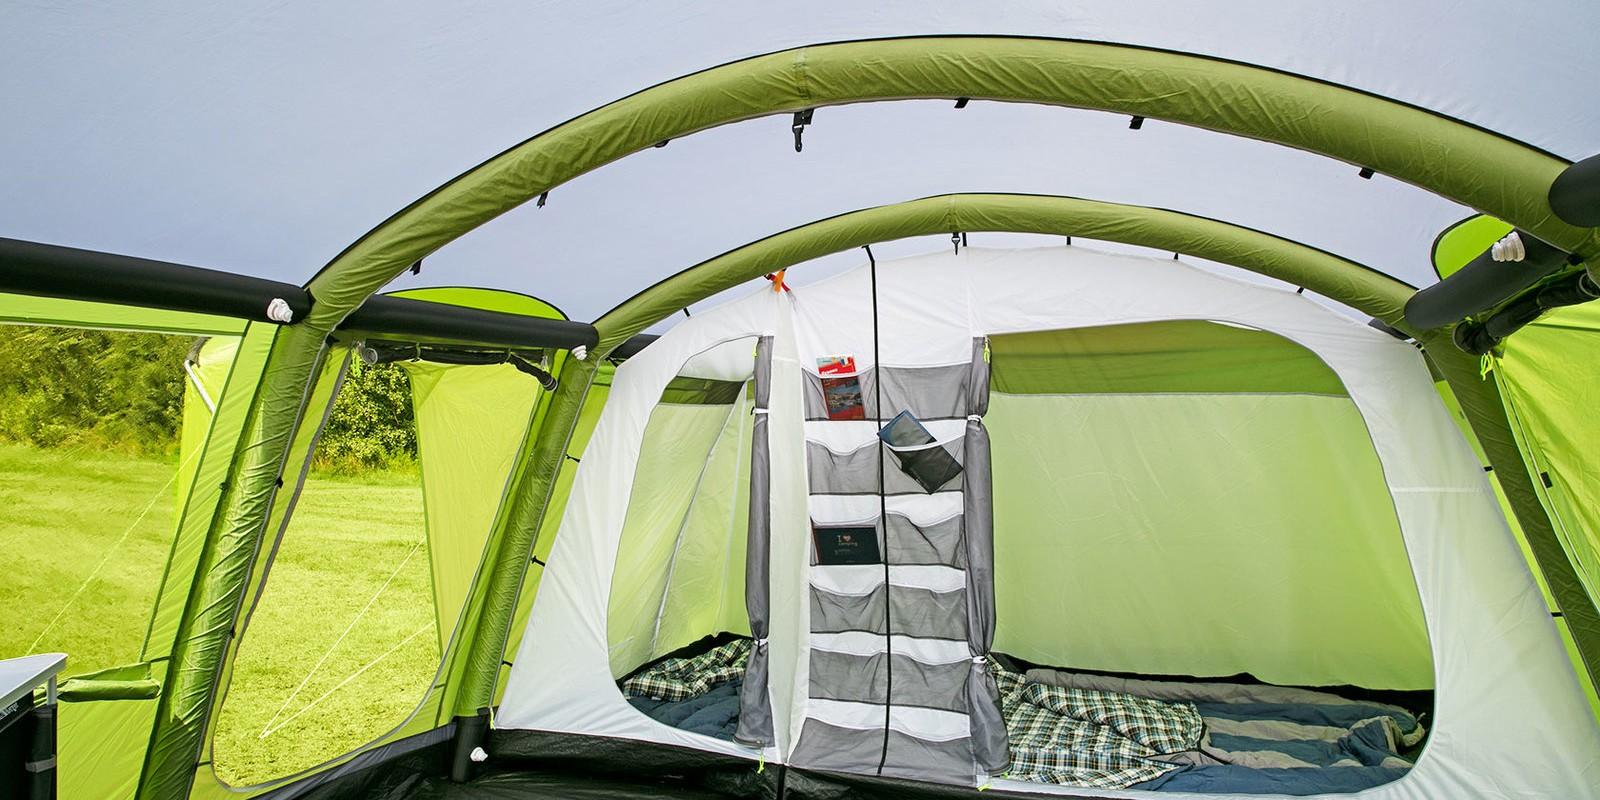 Das können aufblasbare Zelte & Vorzelte  Berger Blog - Berger Blog